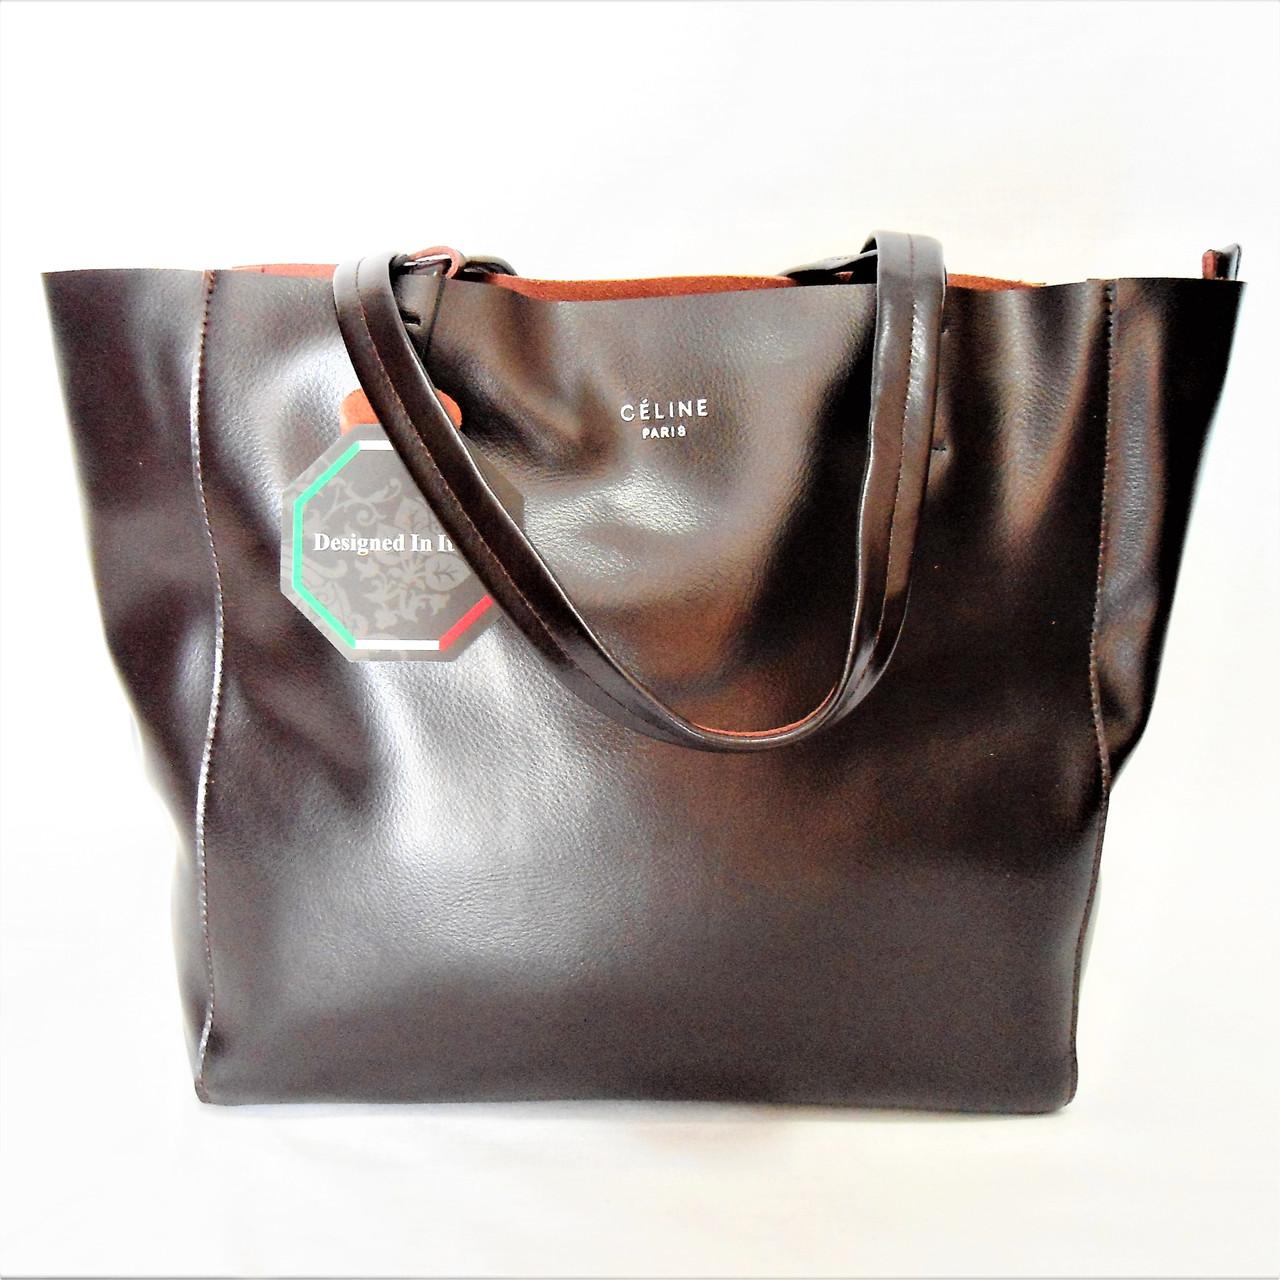 5a941ca0b9d7 Женская сумка CELINE кожа коричневого цвета TМT-400900  купить недорого